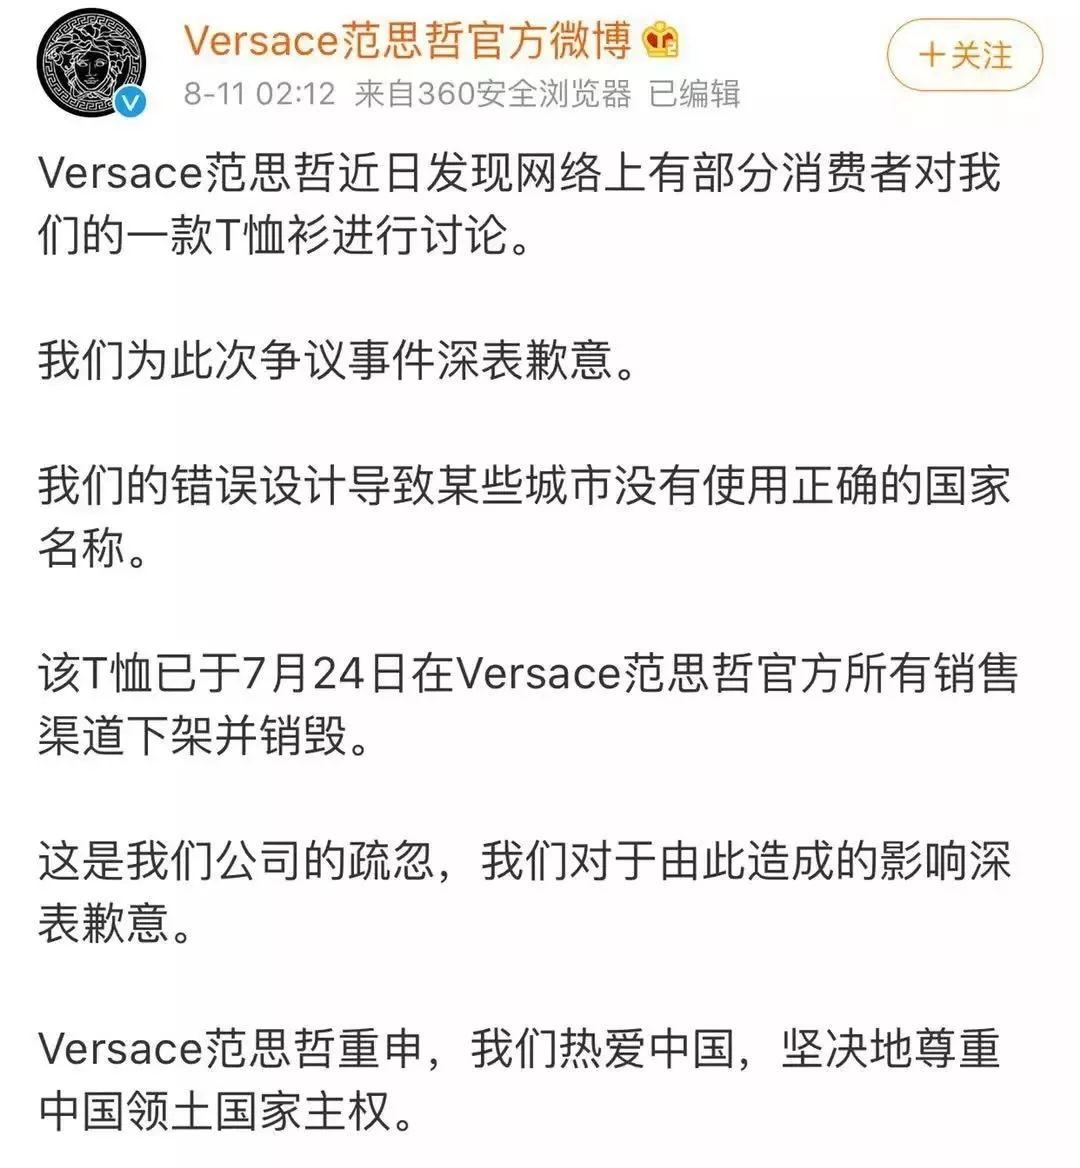 范思哲、蔻驰、亚瑟士、纪梵希等组团道歉!是向人民道歉,还是向人民币道歉?